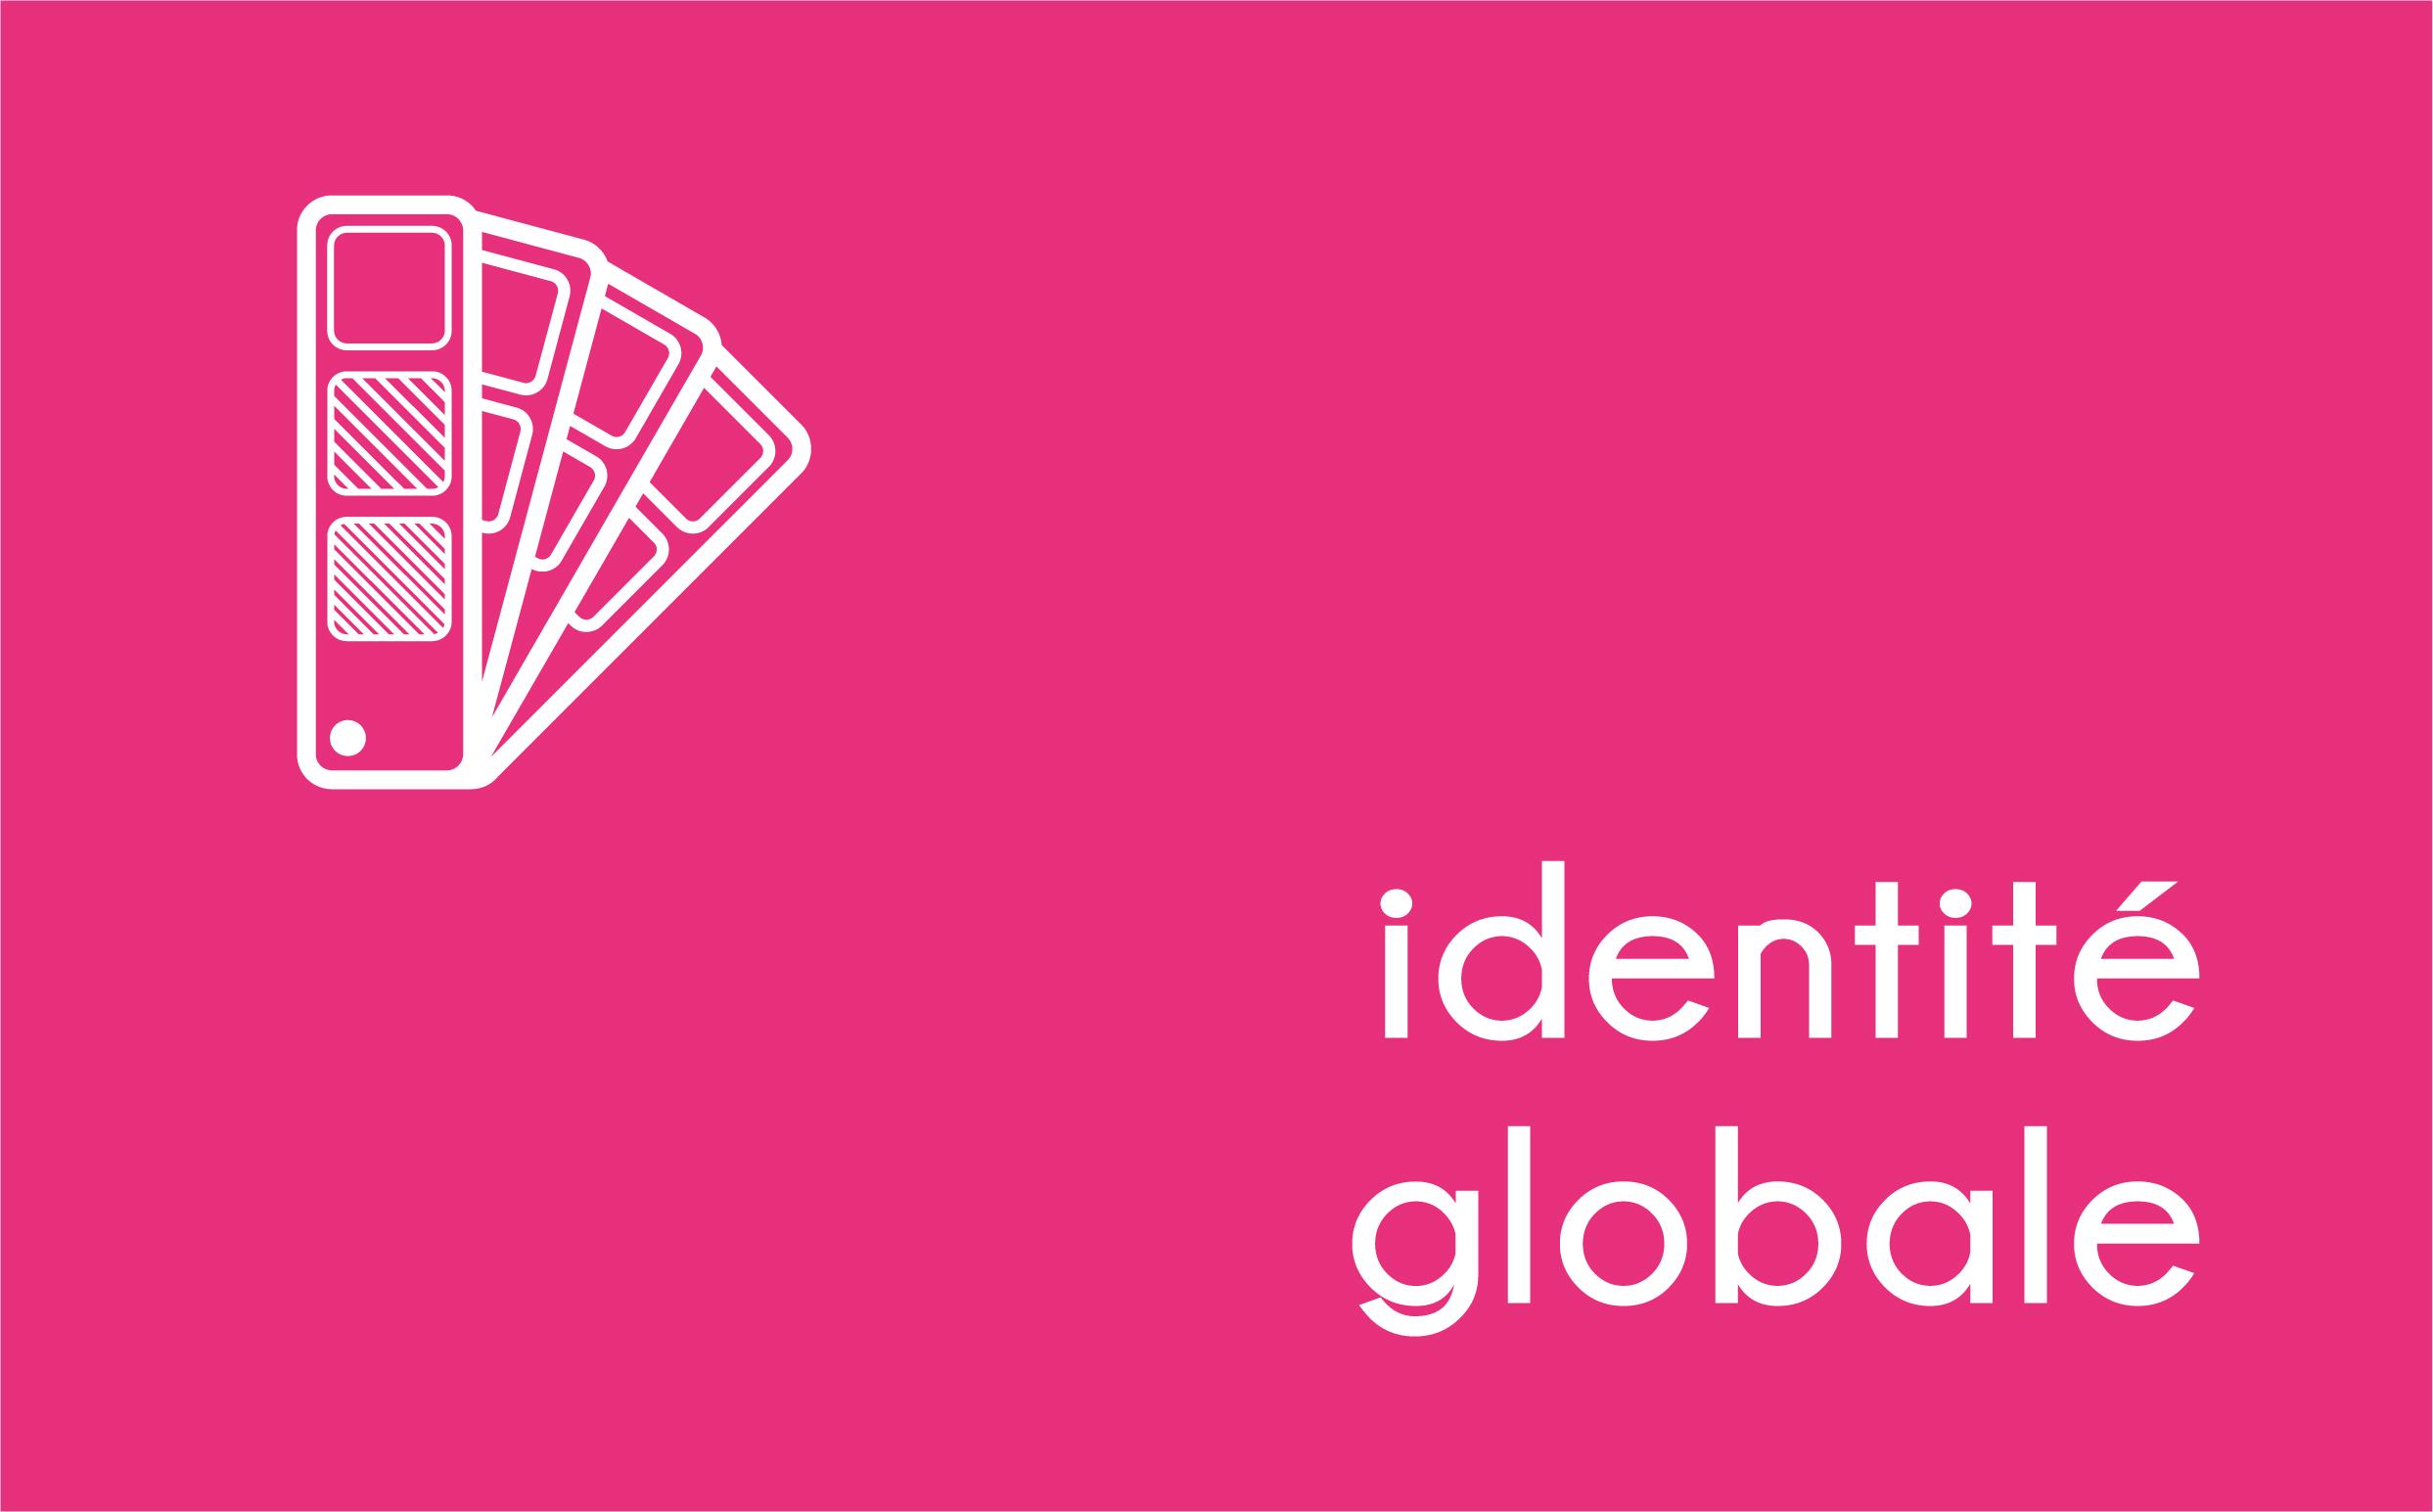 Identité globale